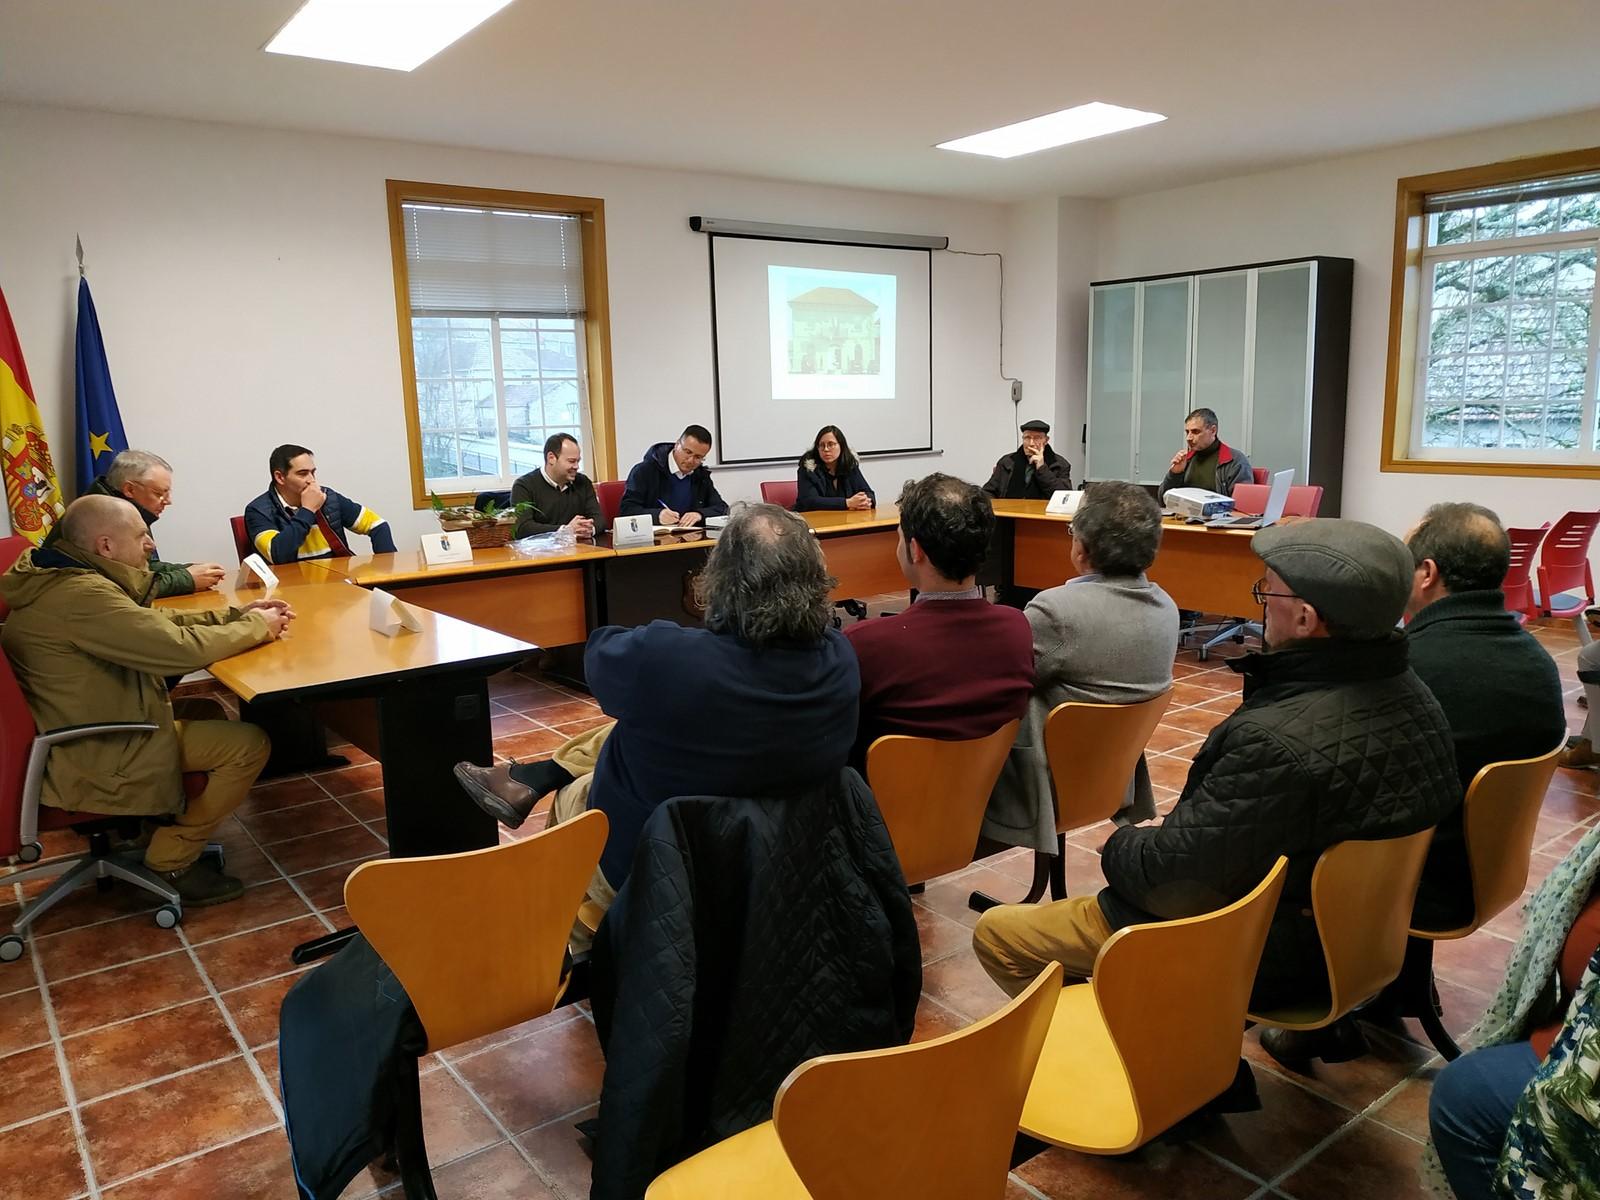 A Xunta colabora co concello do Irixo para a constitución dunha agrupación de xestión forestal